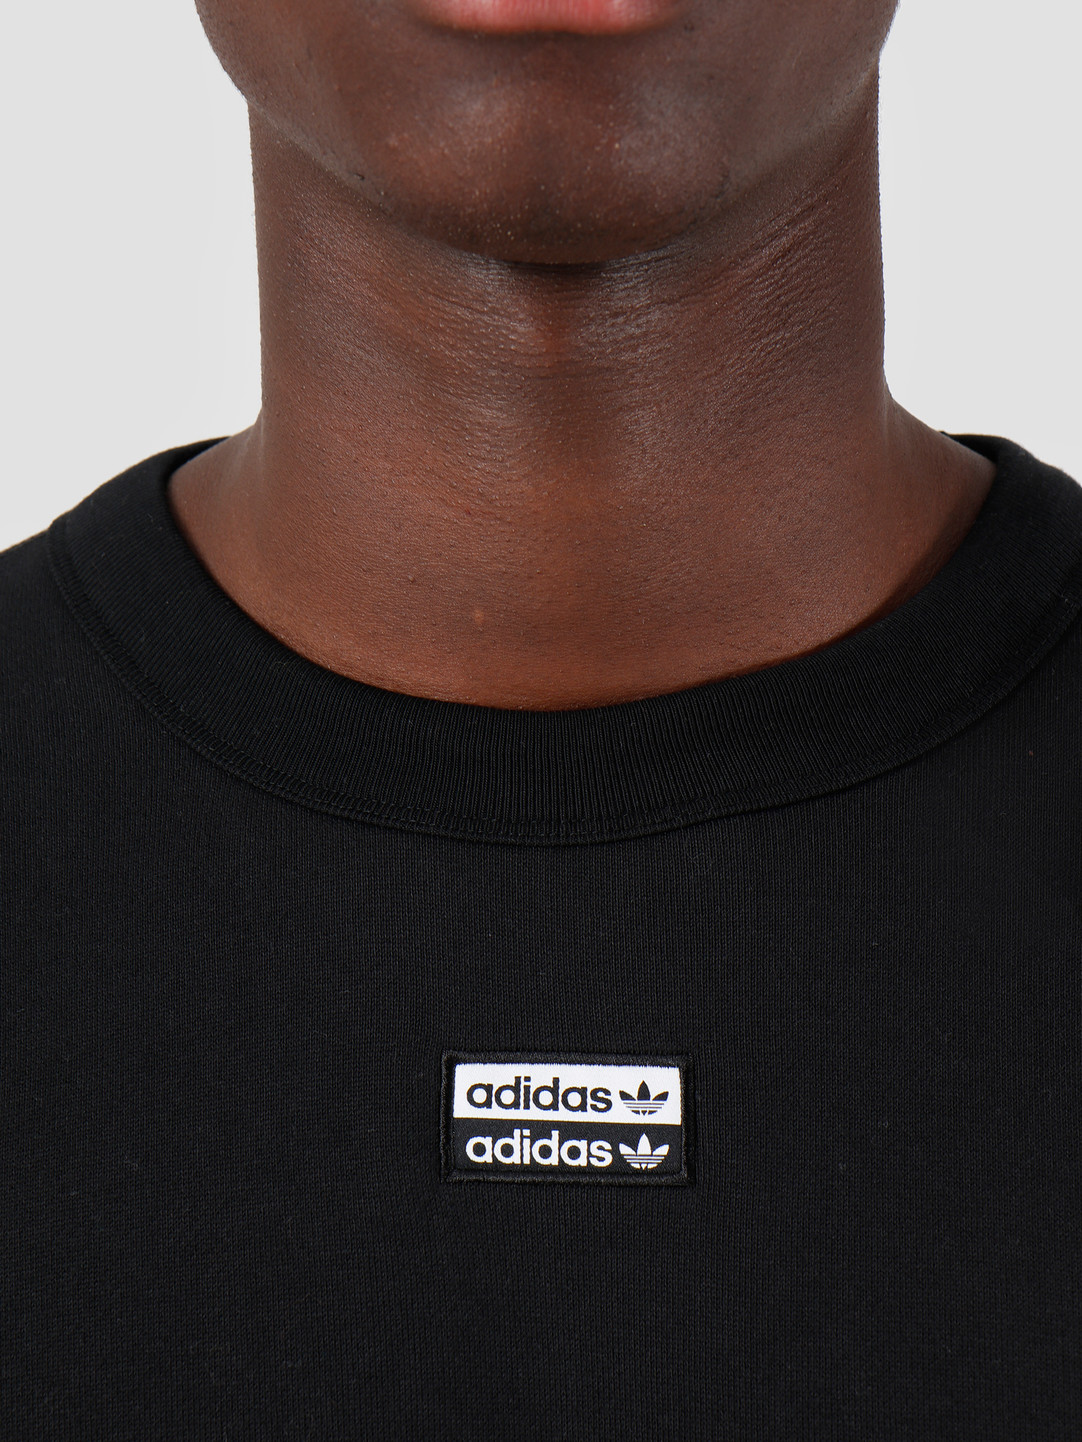 adidas adidas R.Y.V. Crewneck Black ED7227